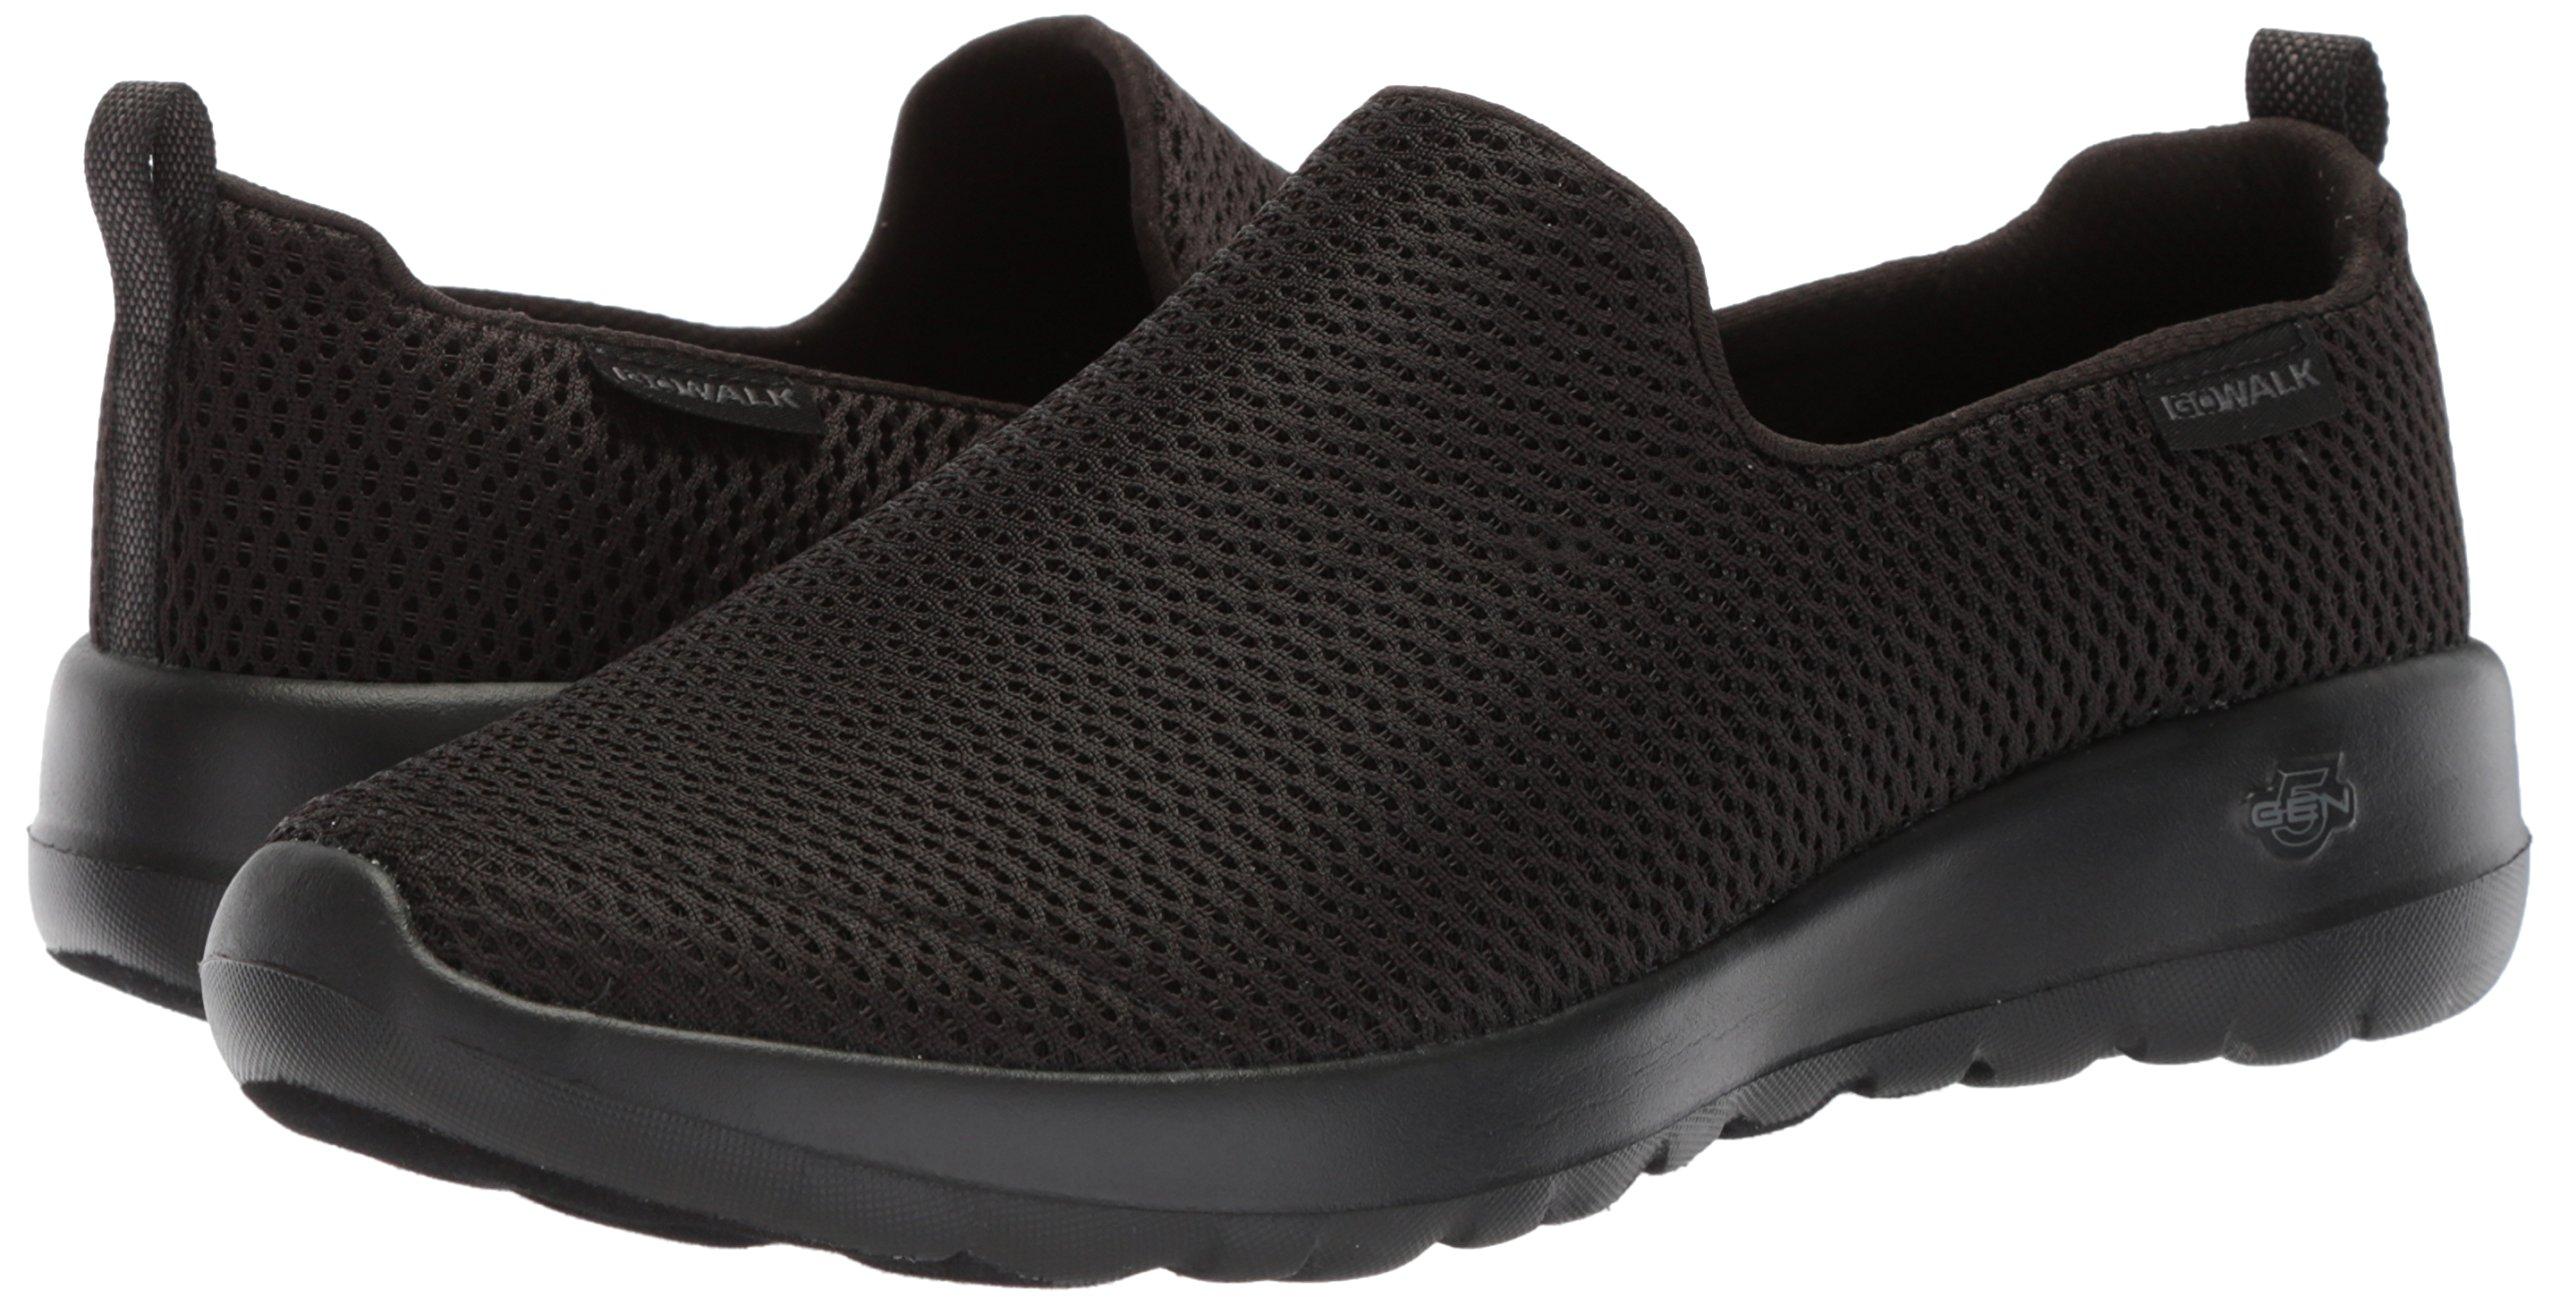 Skechers Performance Women's Go Walk Joy Walking Shoe,black,9.5 W US by Skechers (Image #6)